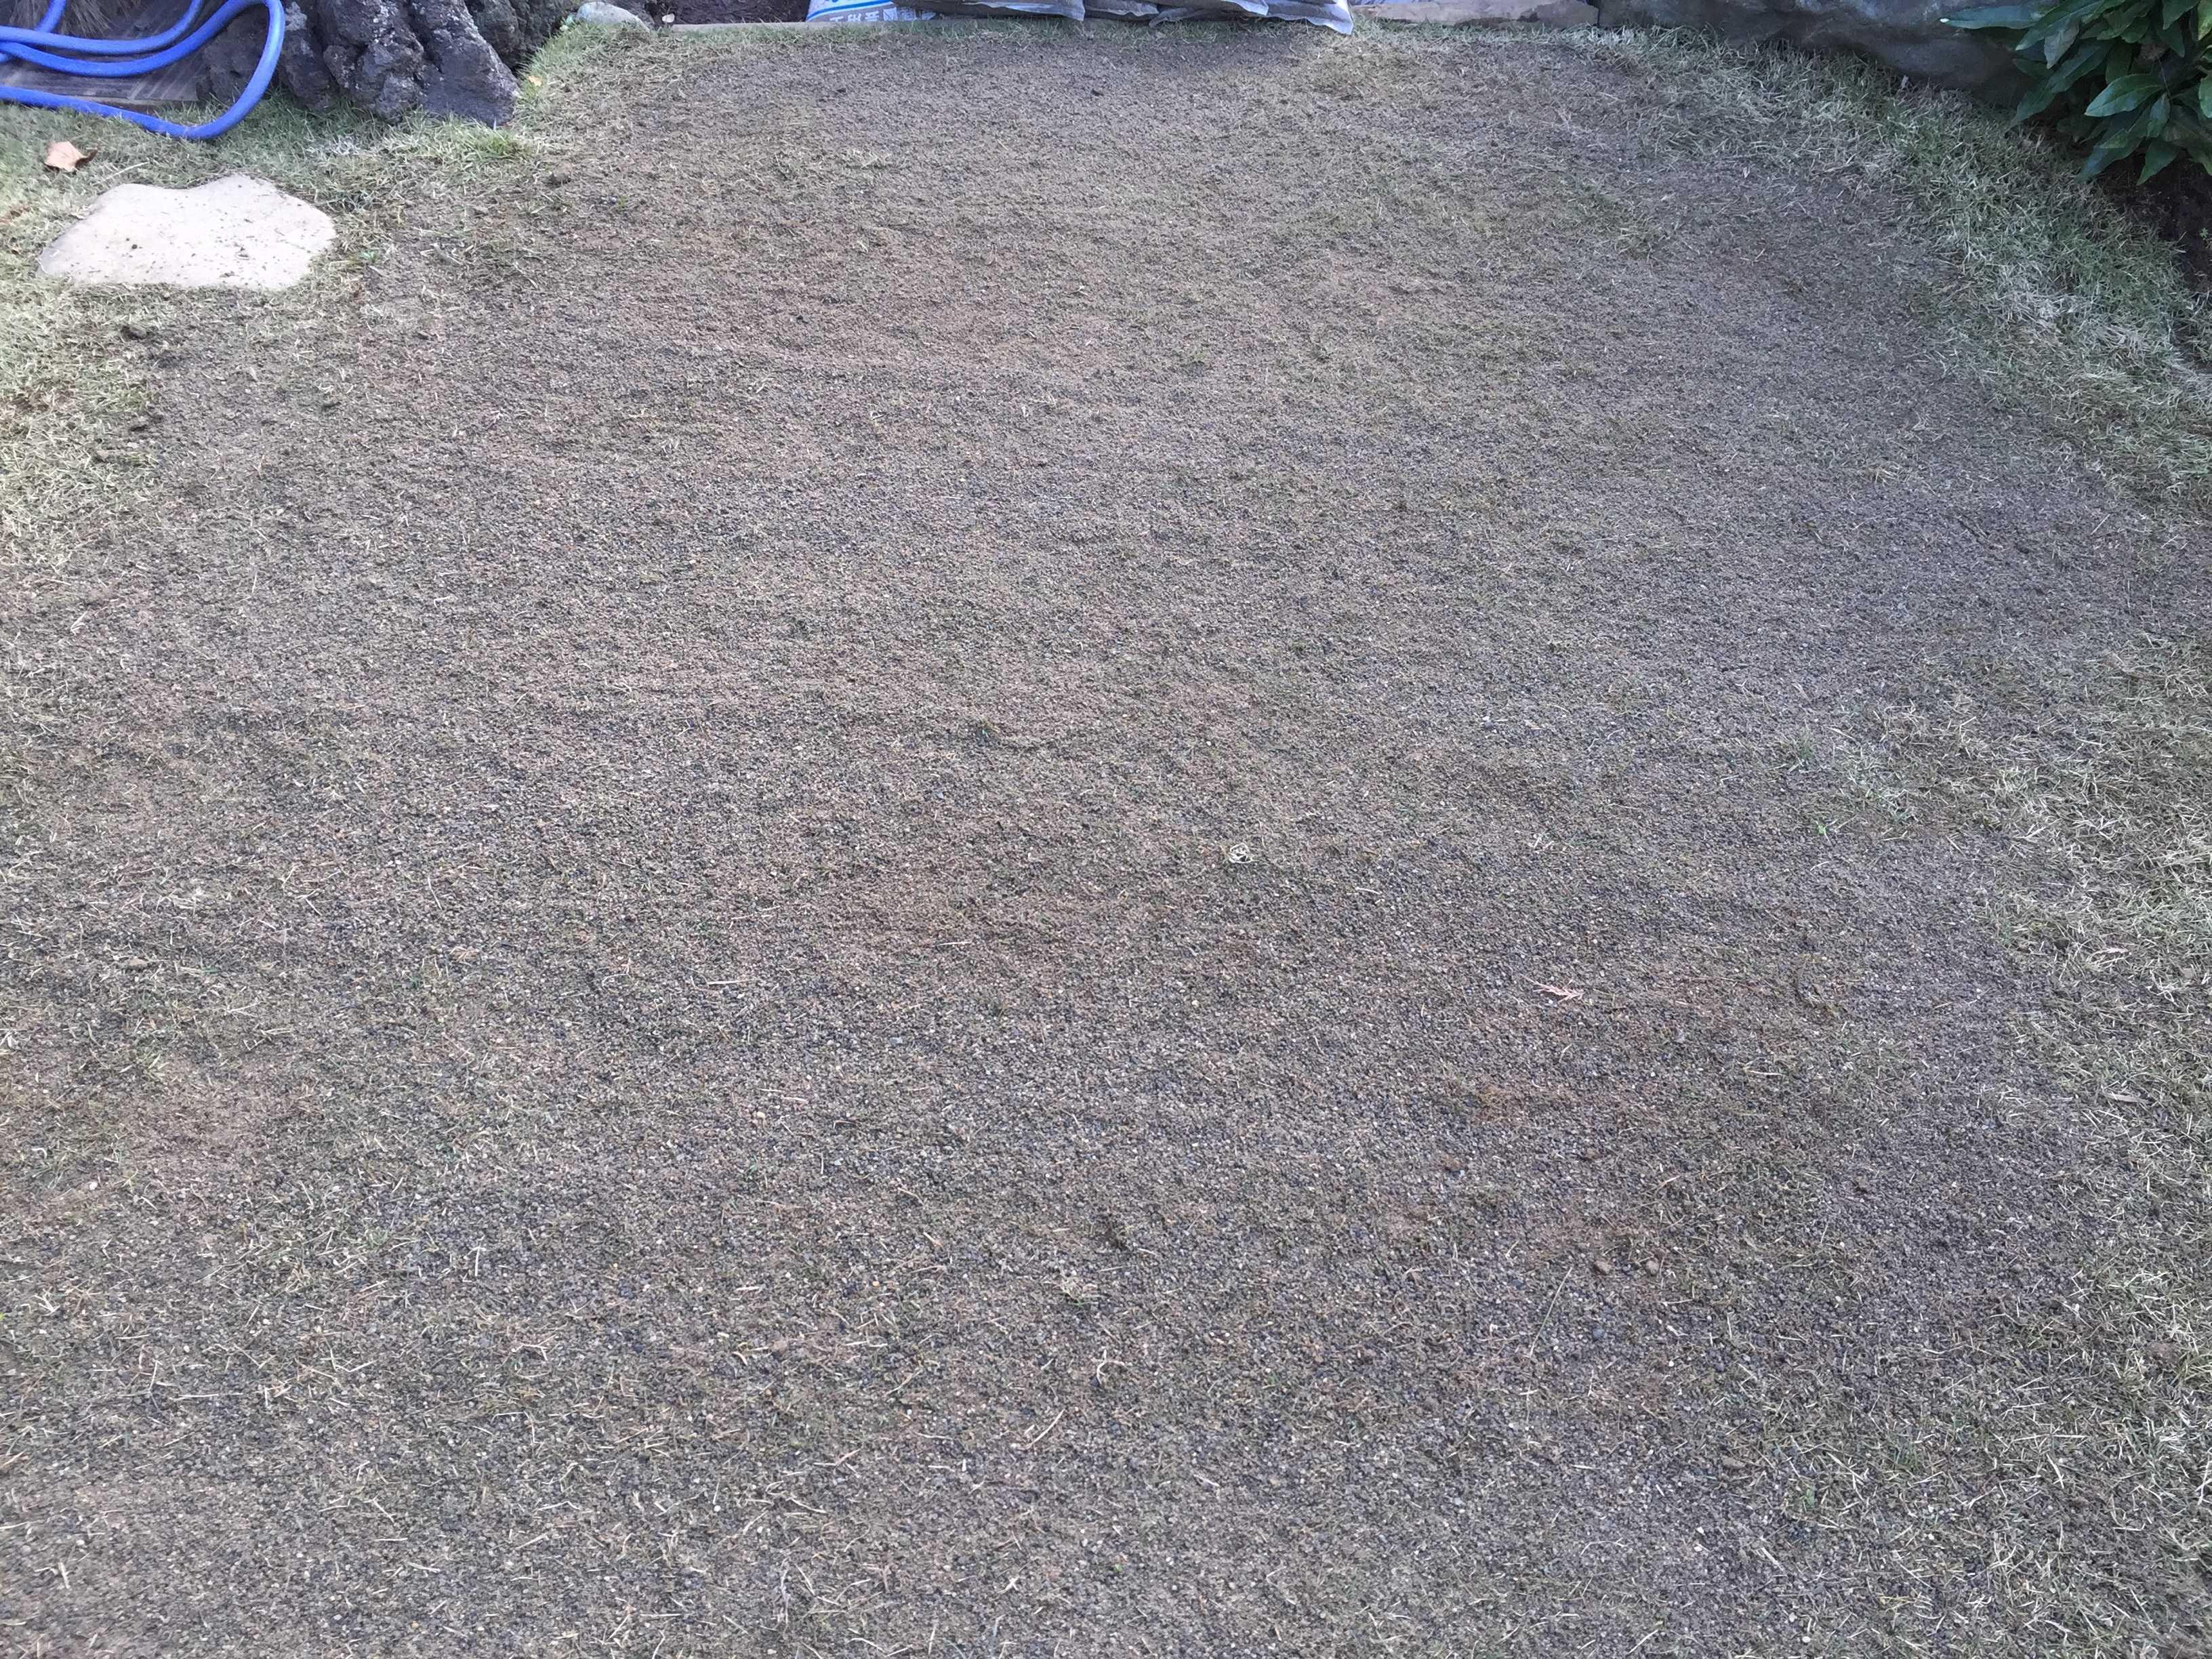 植え付け 5ヶ月。目砂を入れた芝生・TM9(ティーエムナイン)